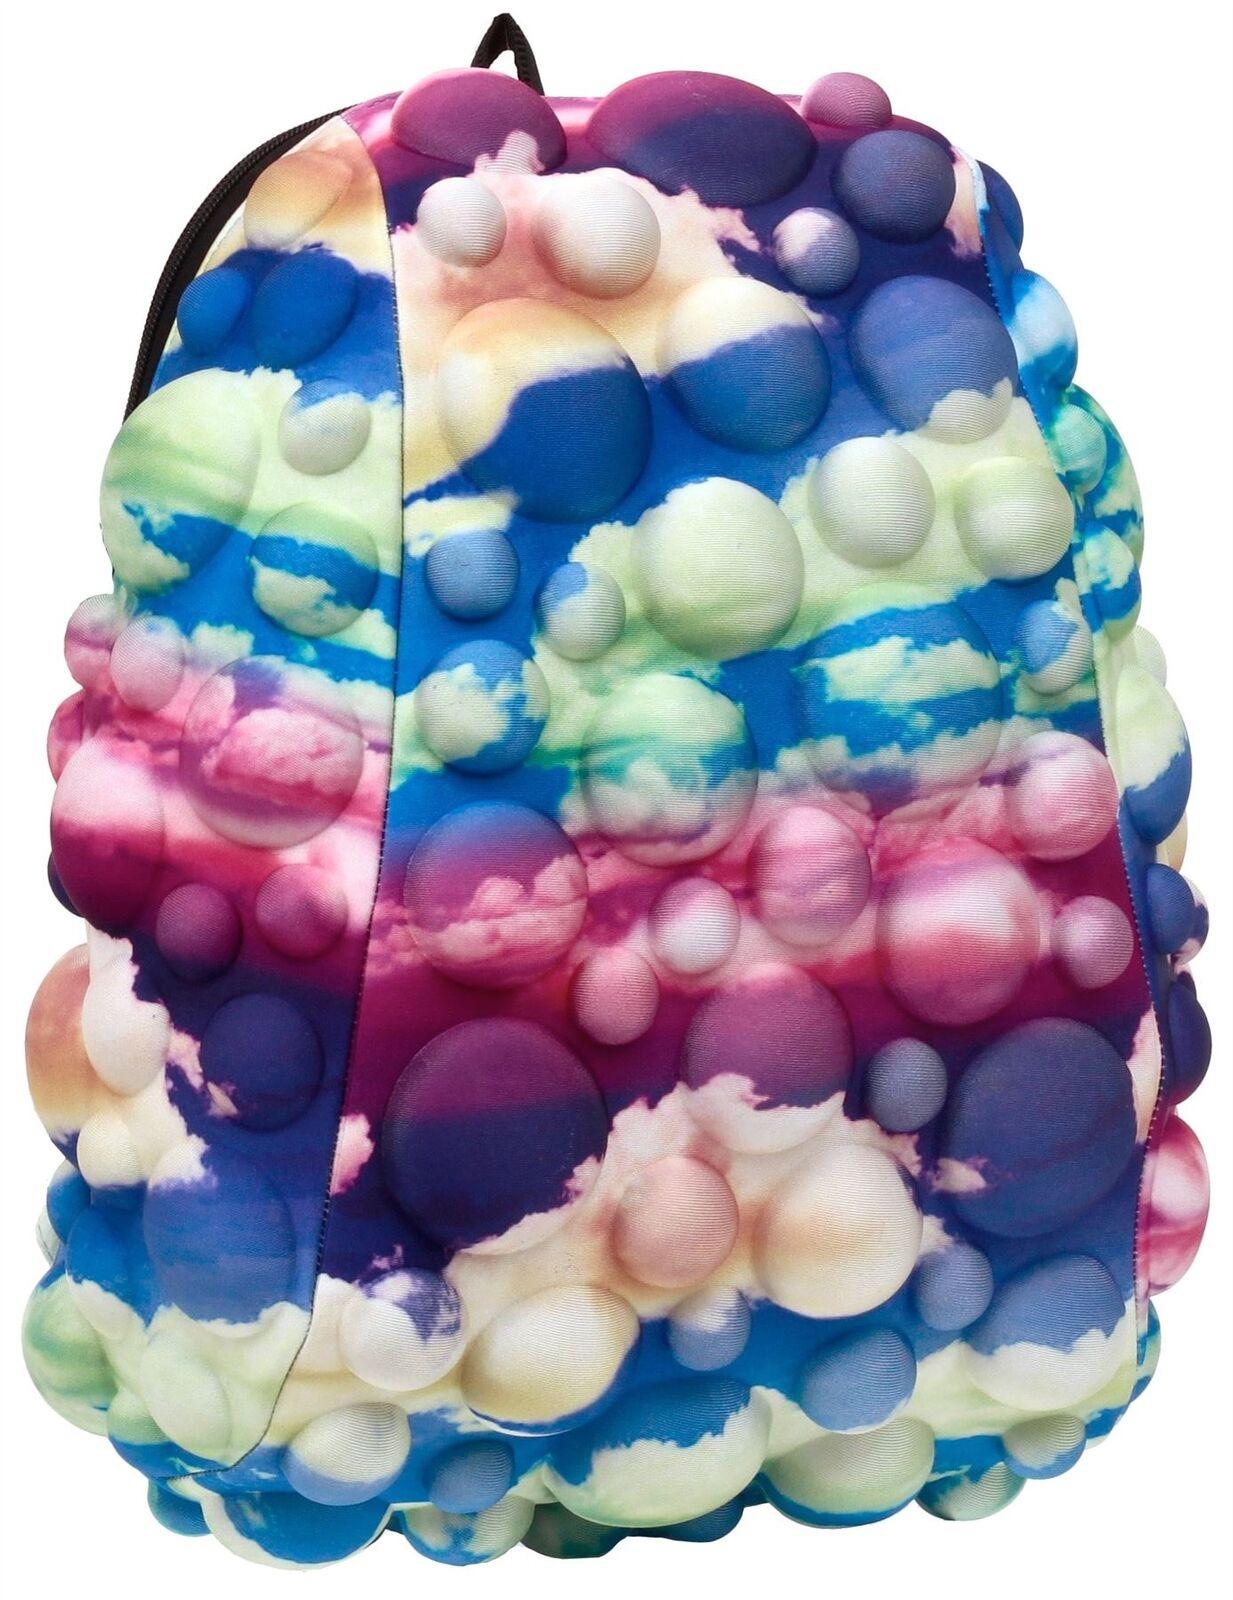 Pinchos superficies 3D superficies Pinchos de algodón de azúcar Diseño Medio Tamaño Del Paquete Mochila De Varios Colores 951d74